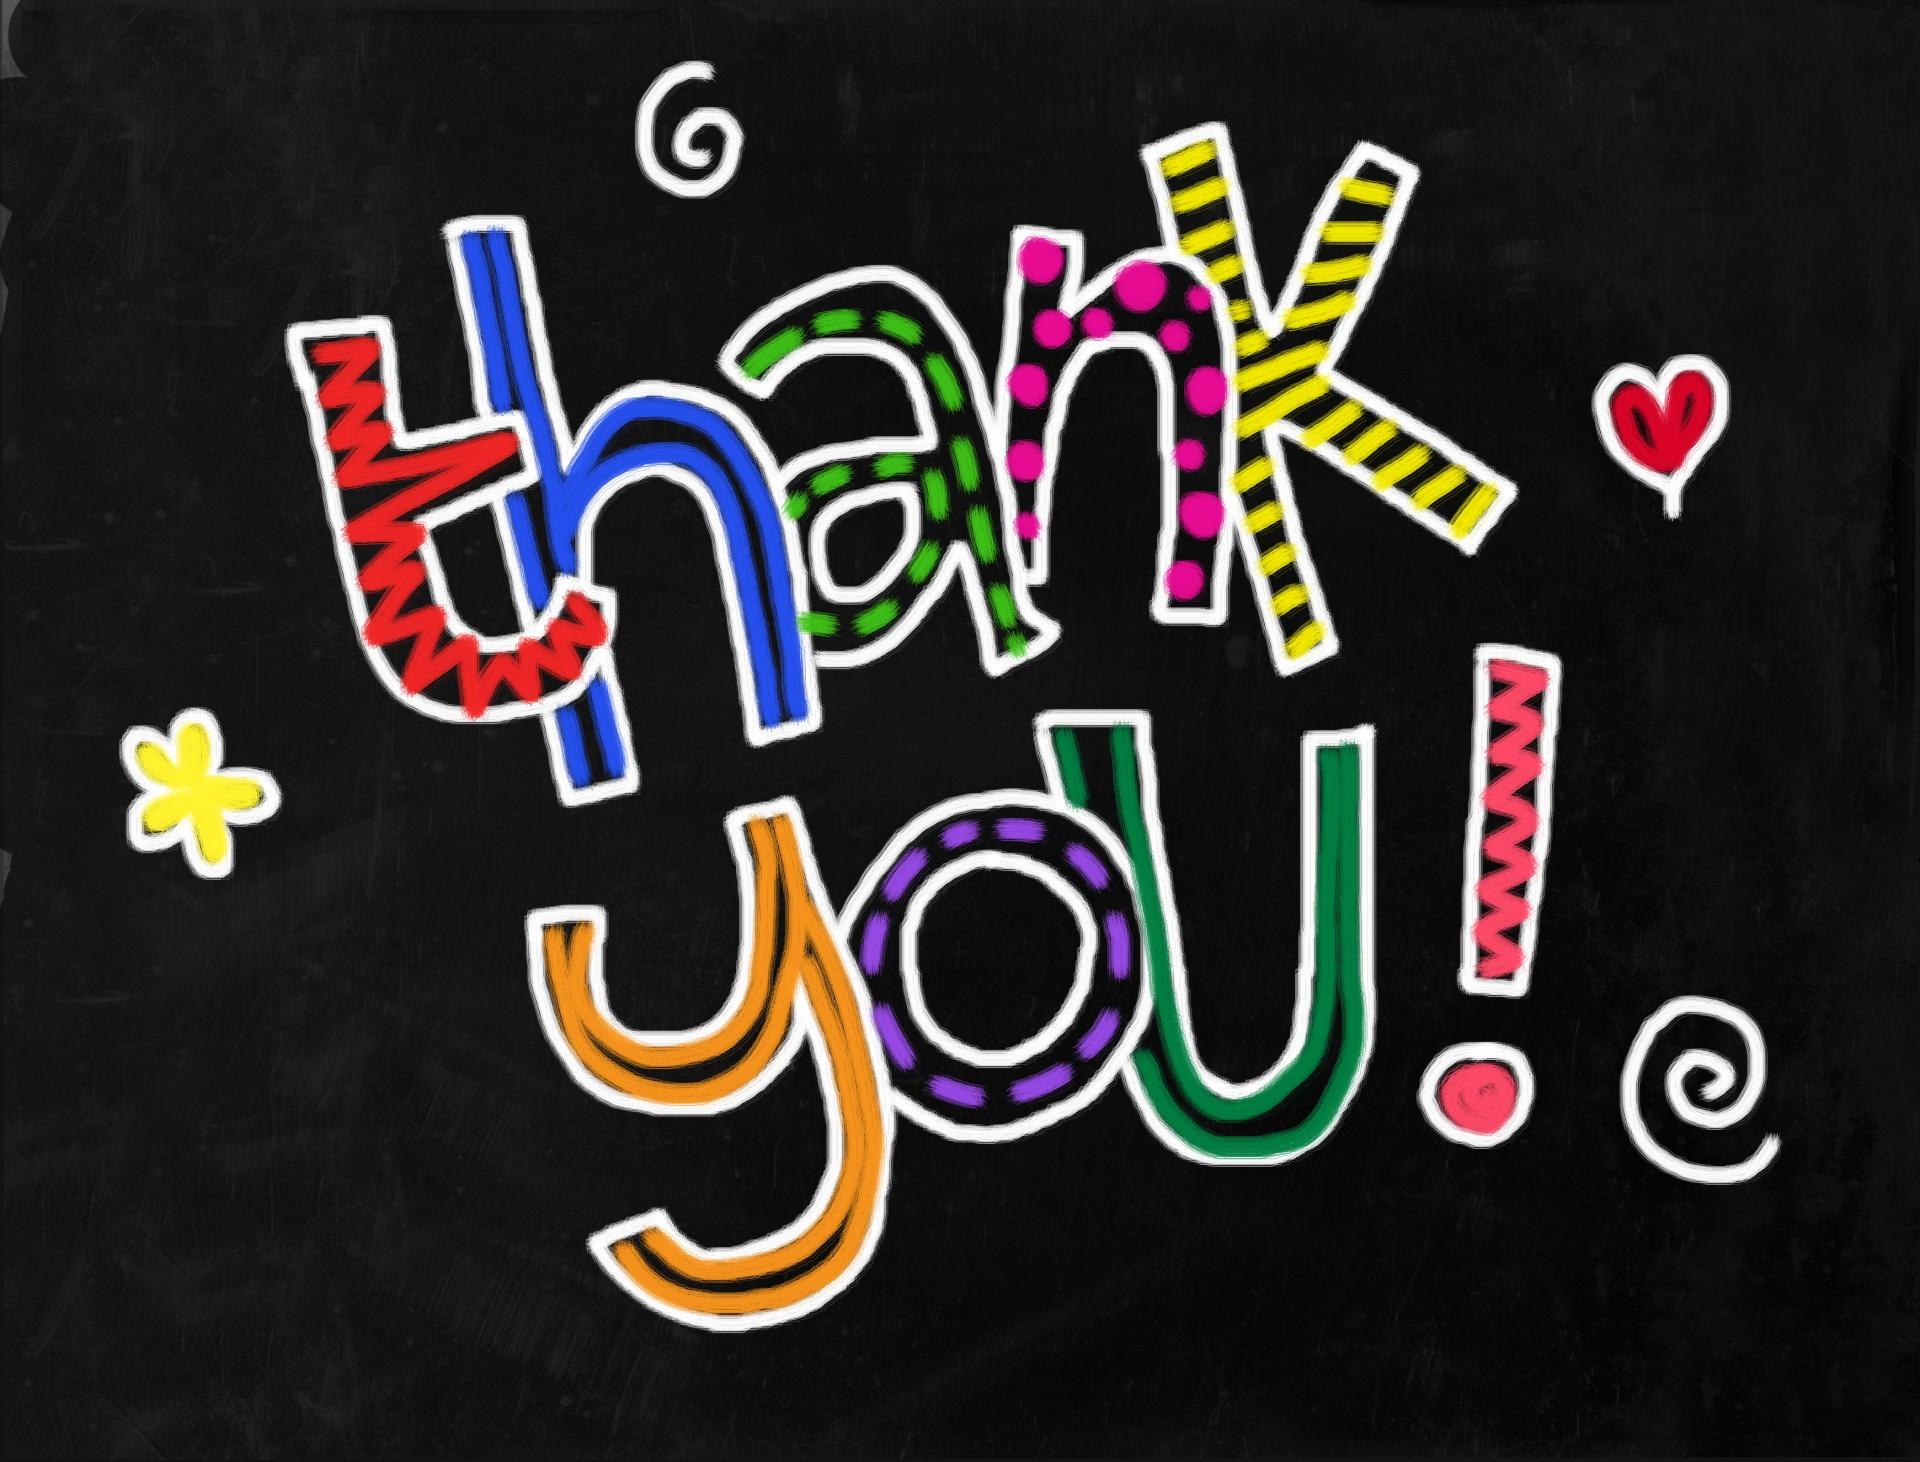 thank-you-1488457955BnR.jpg